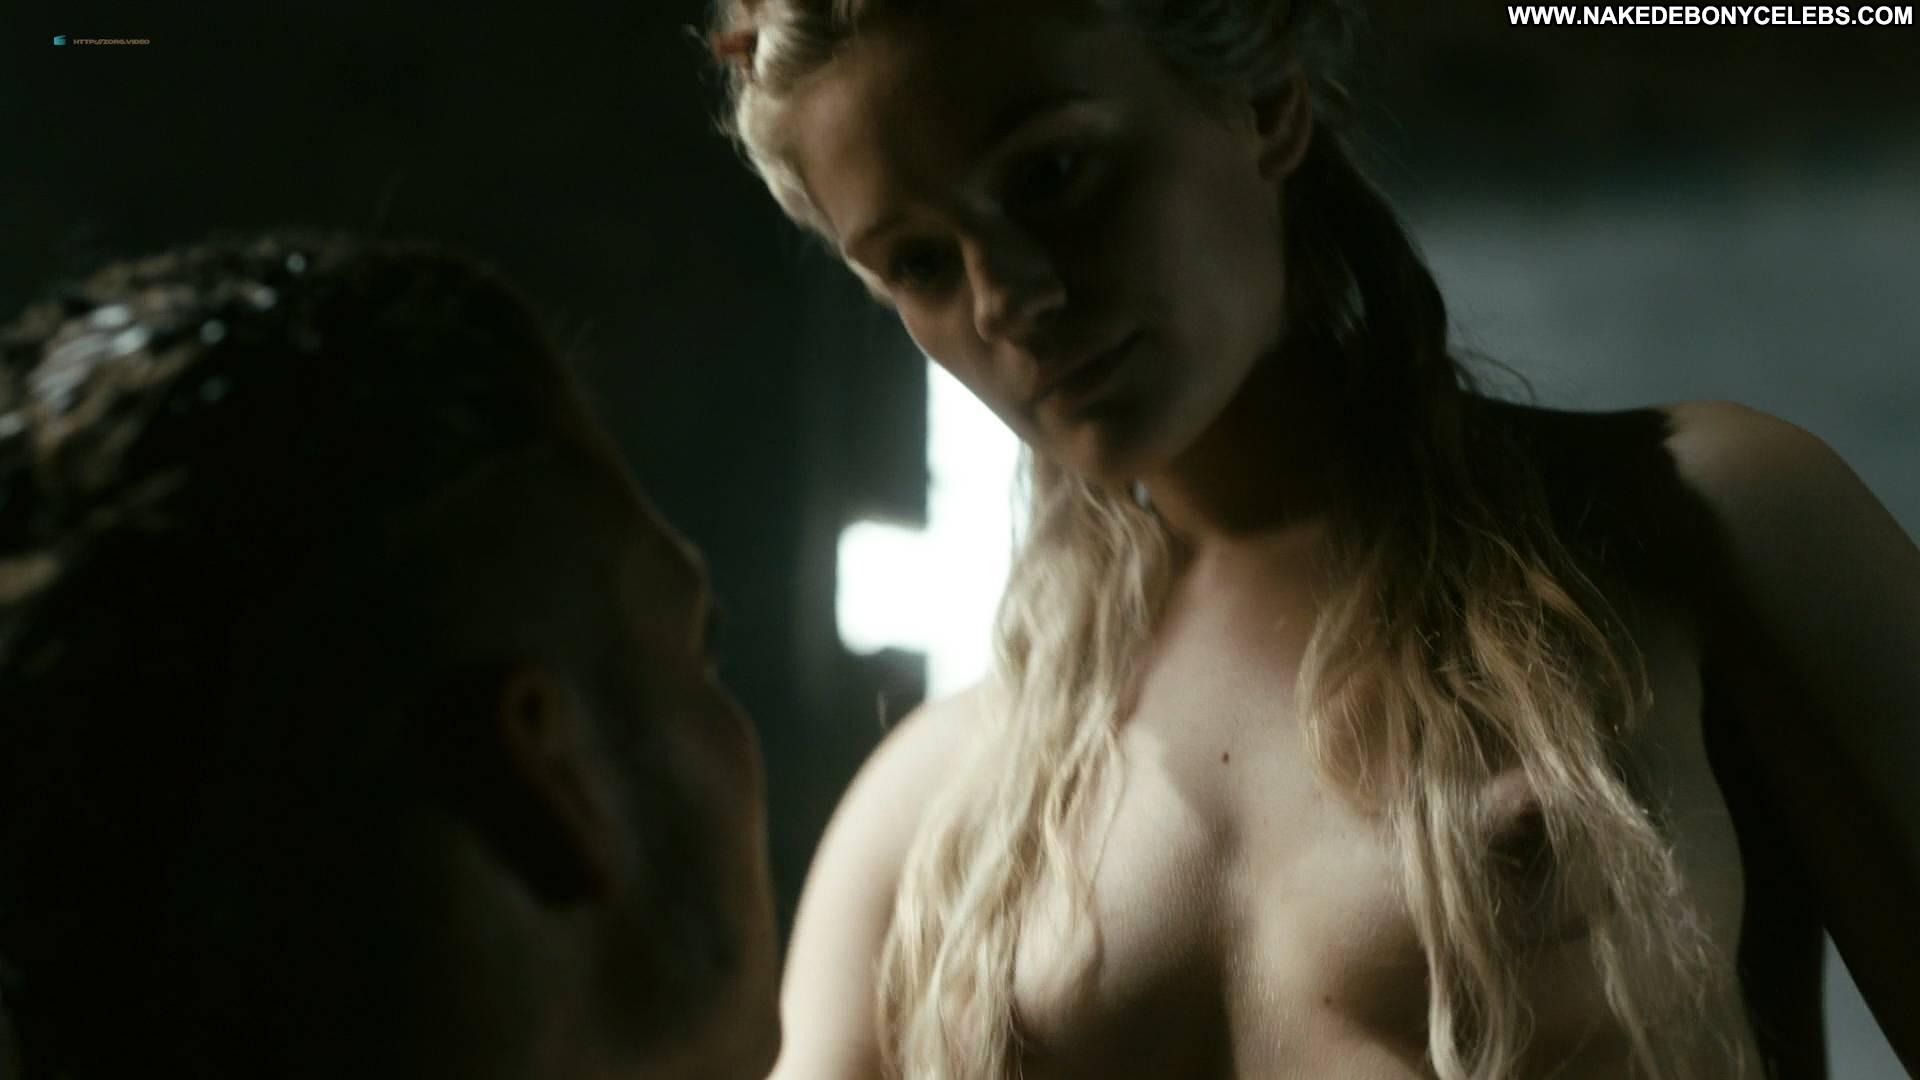 hot naked women moms